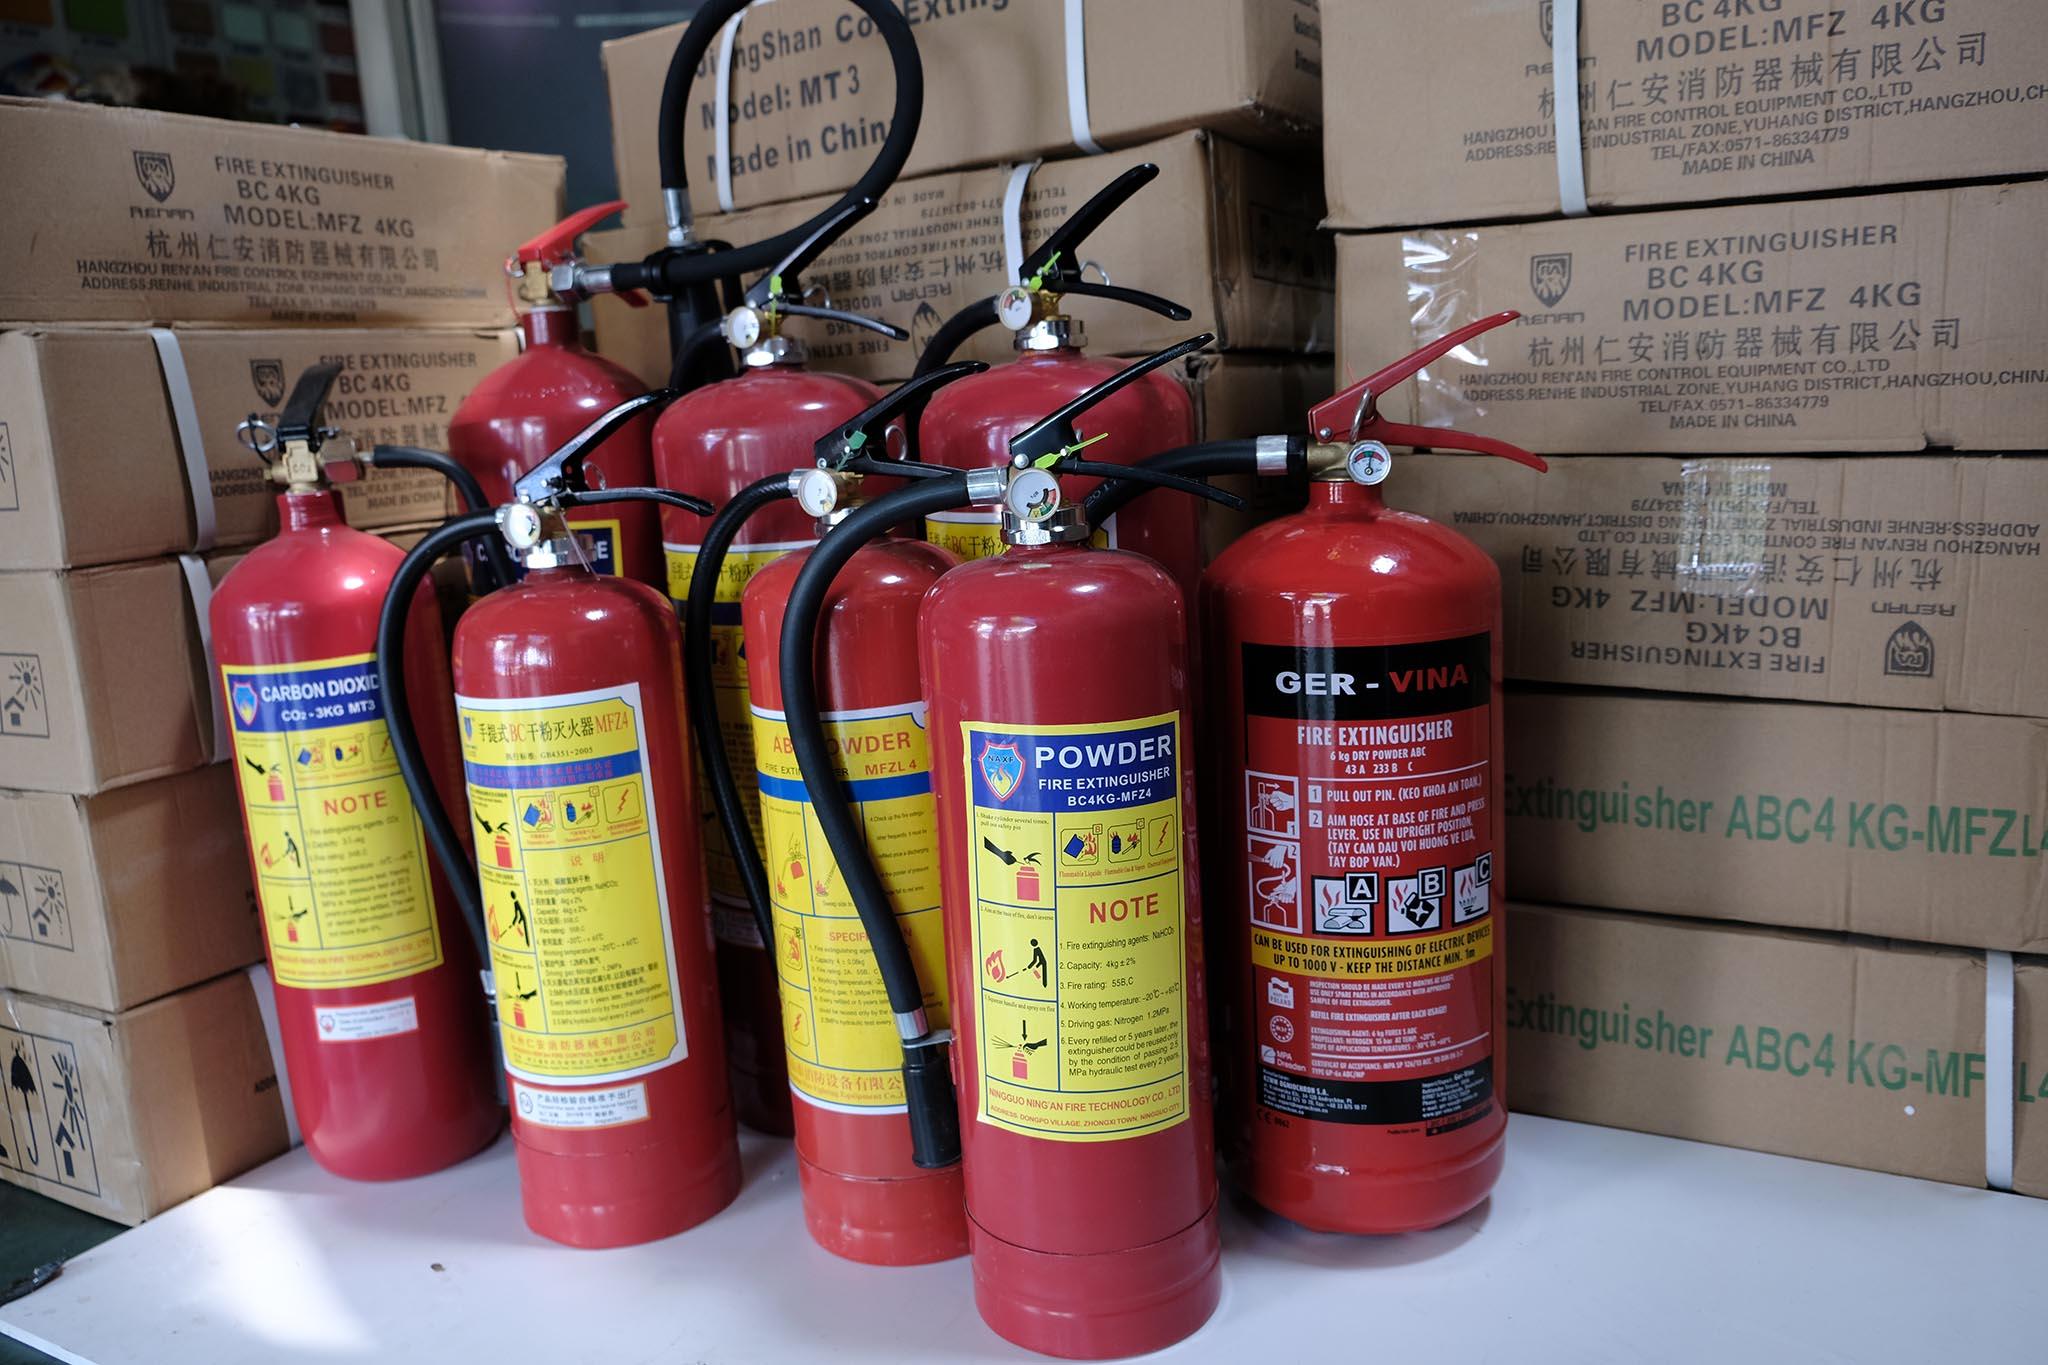 Bảng giá bình chữa cháy ở Bến Tre đạt chuẩn pccc